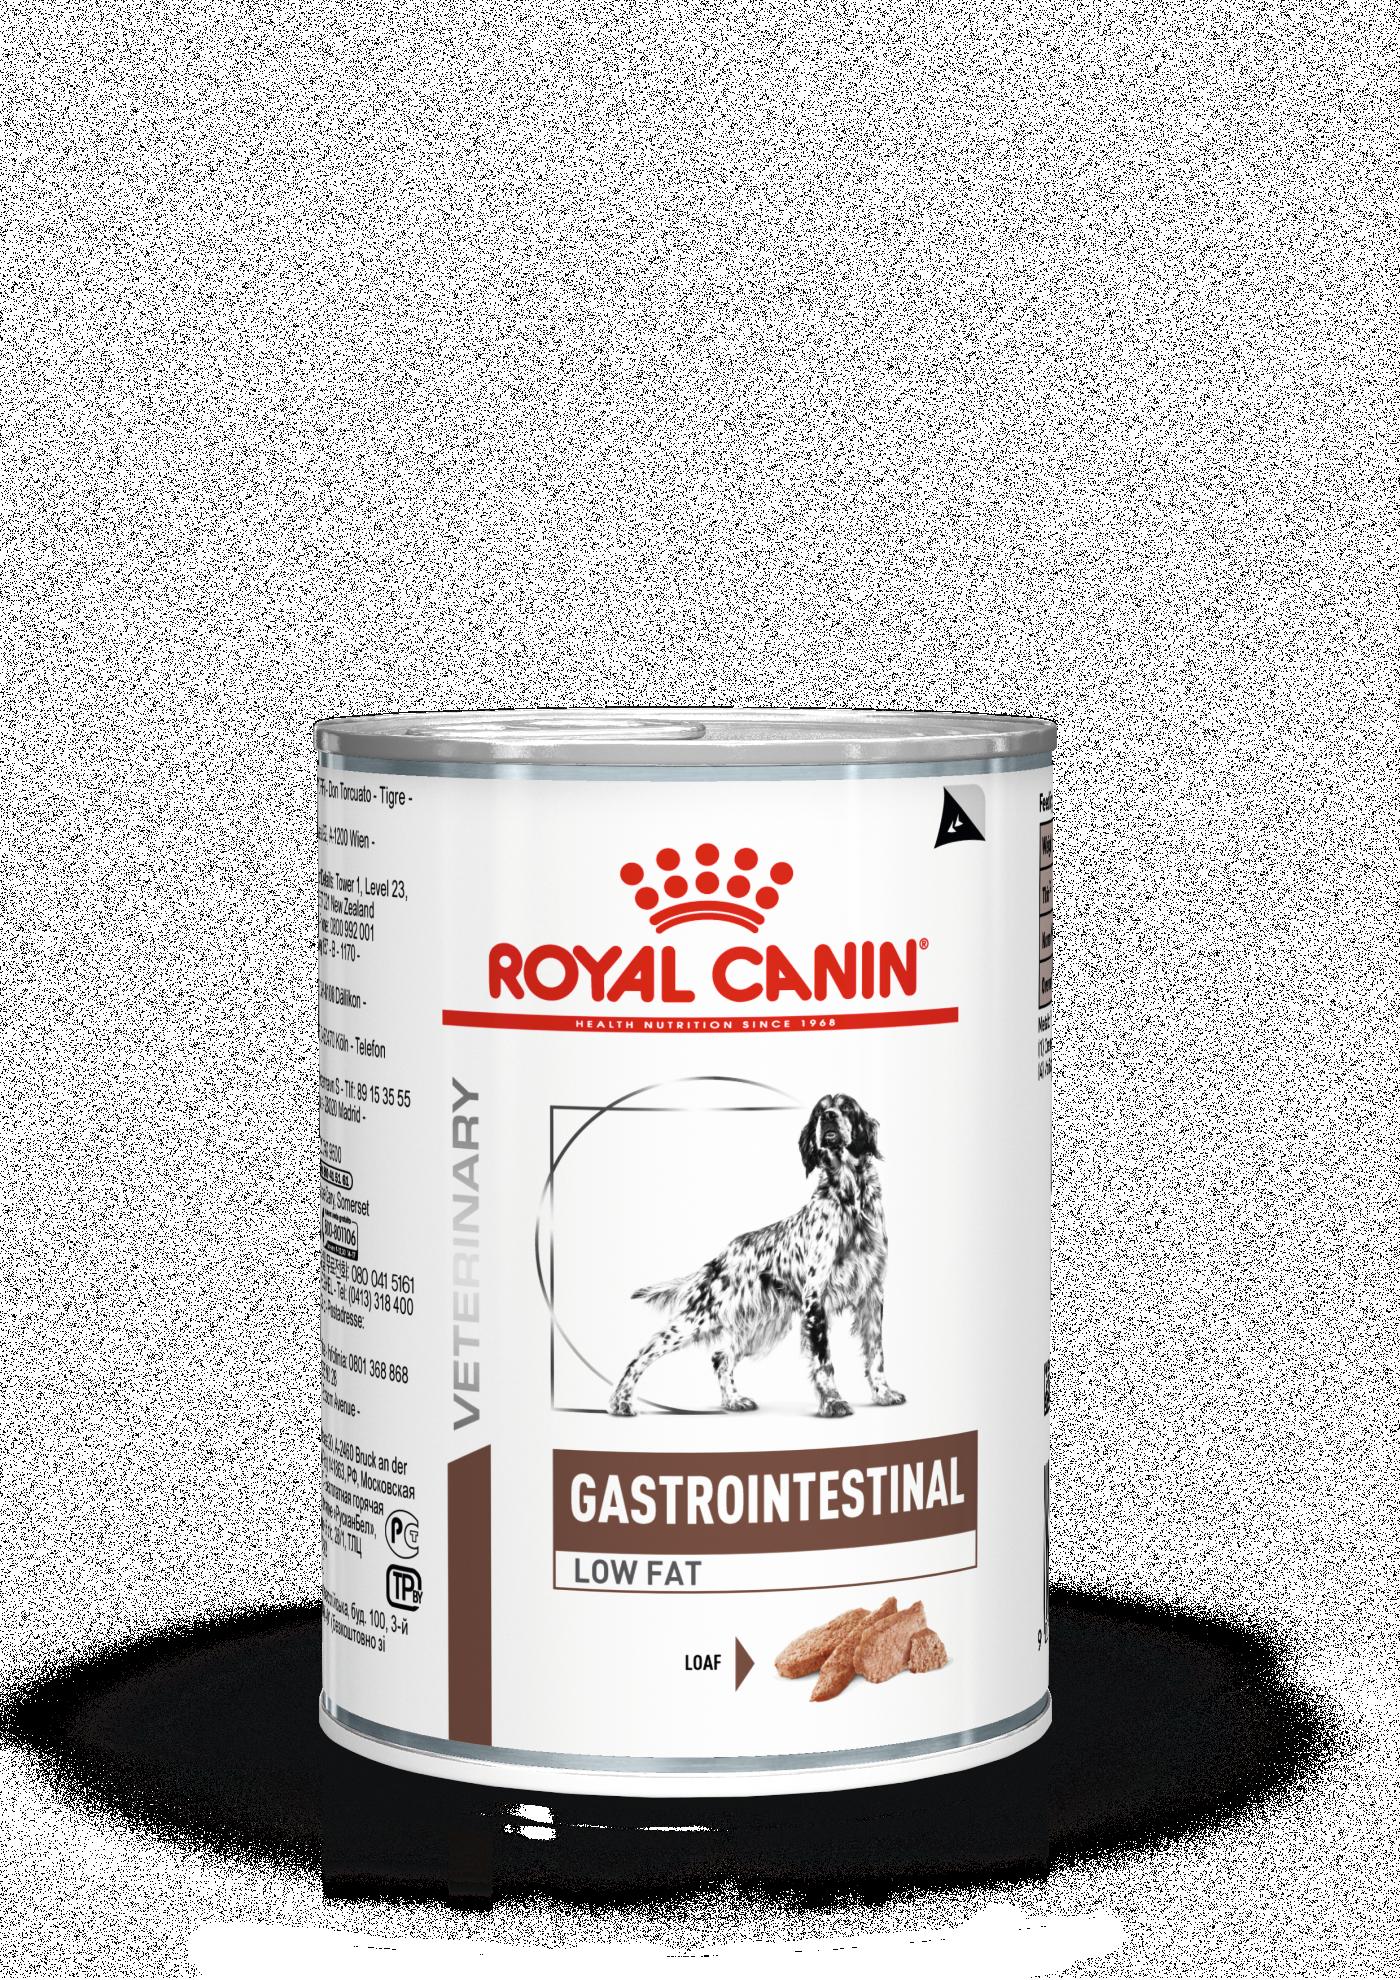 Royal Canin Консервы для собак, Royal Canin Gastro Intestinal Low Fat, при нарушениях пищеварения и экзокринной недостаточности поджелудочной железы 9003579309483_1.png